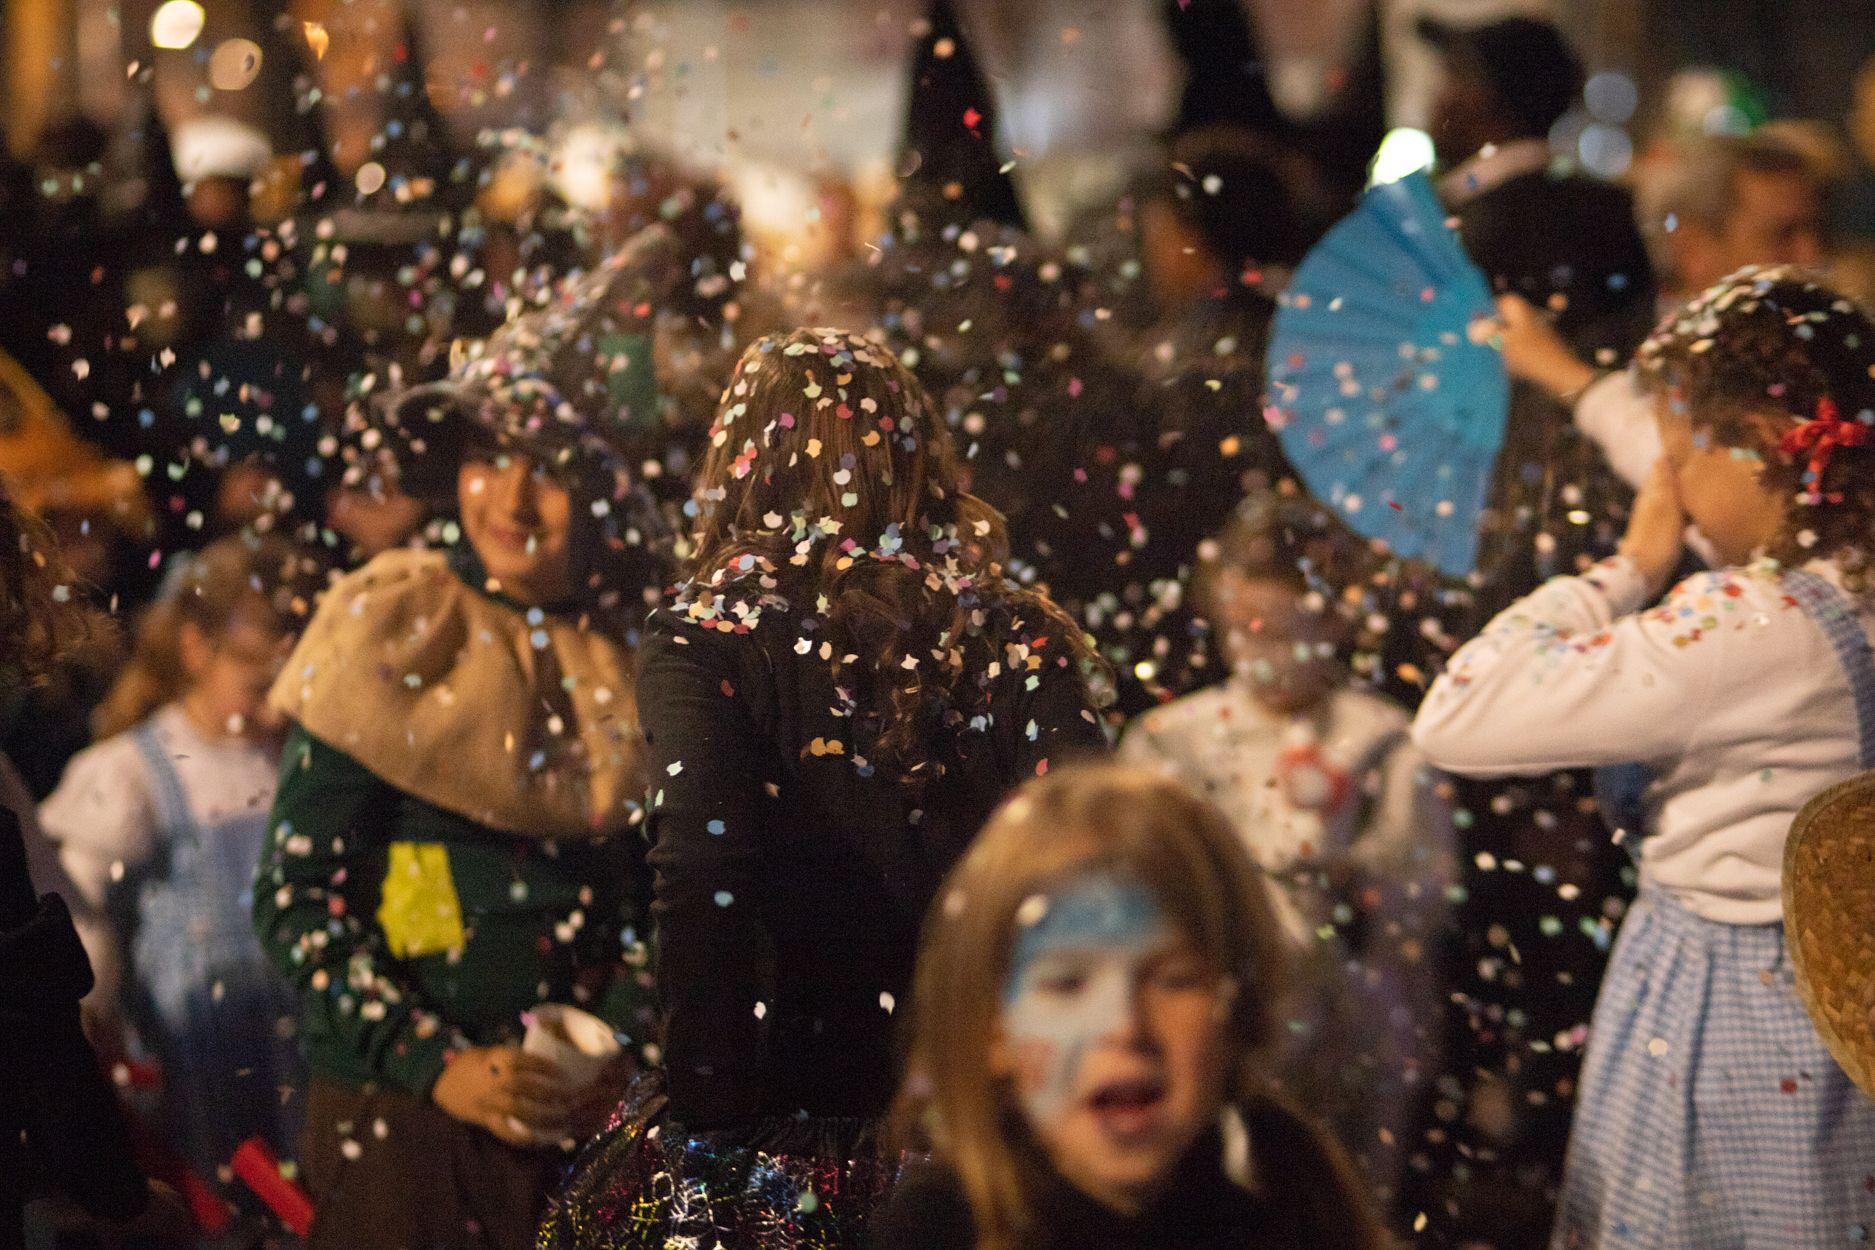 Guerra de confeti. Carnaval a Rubí 2020